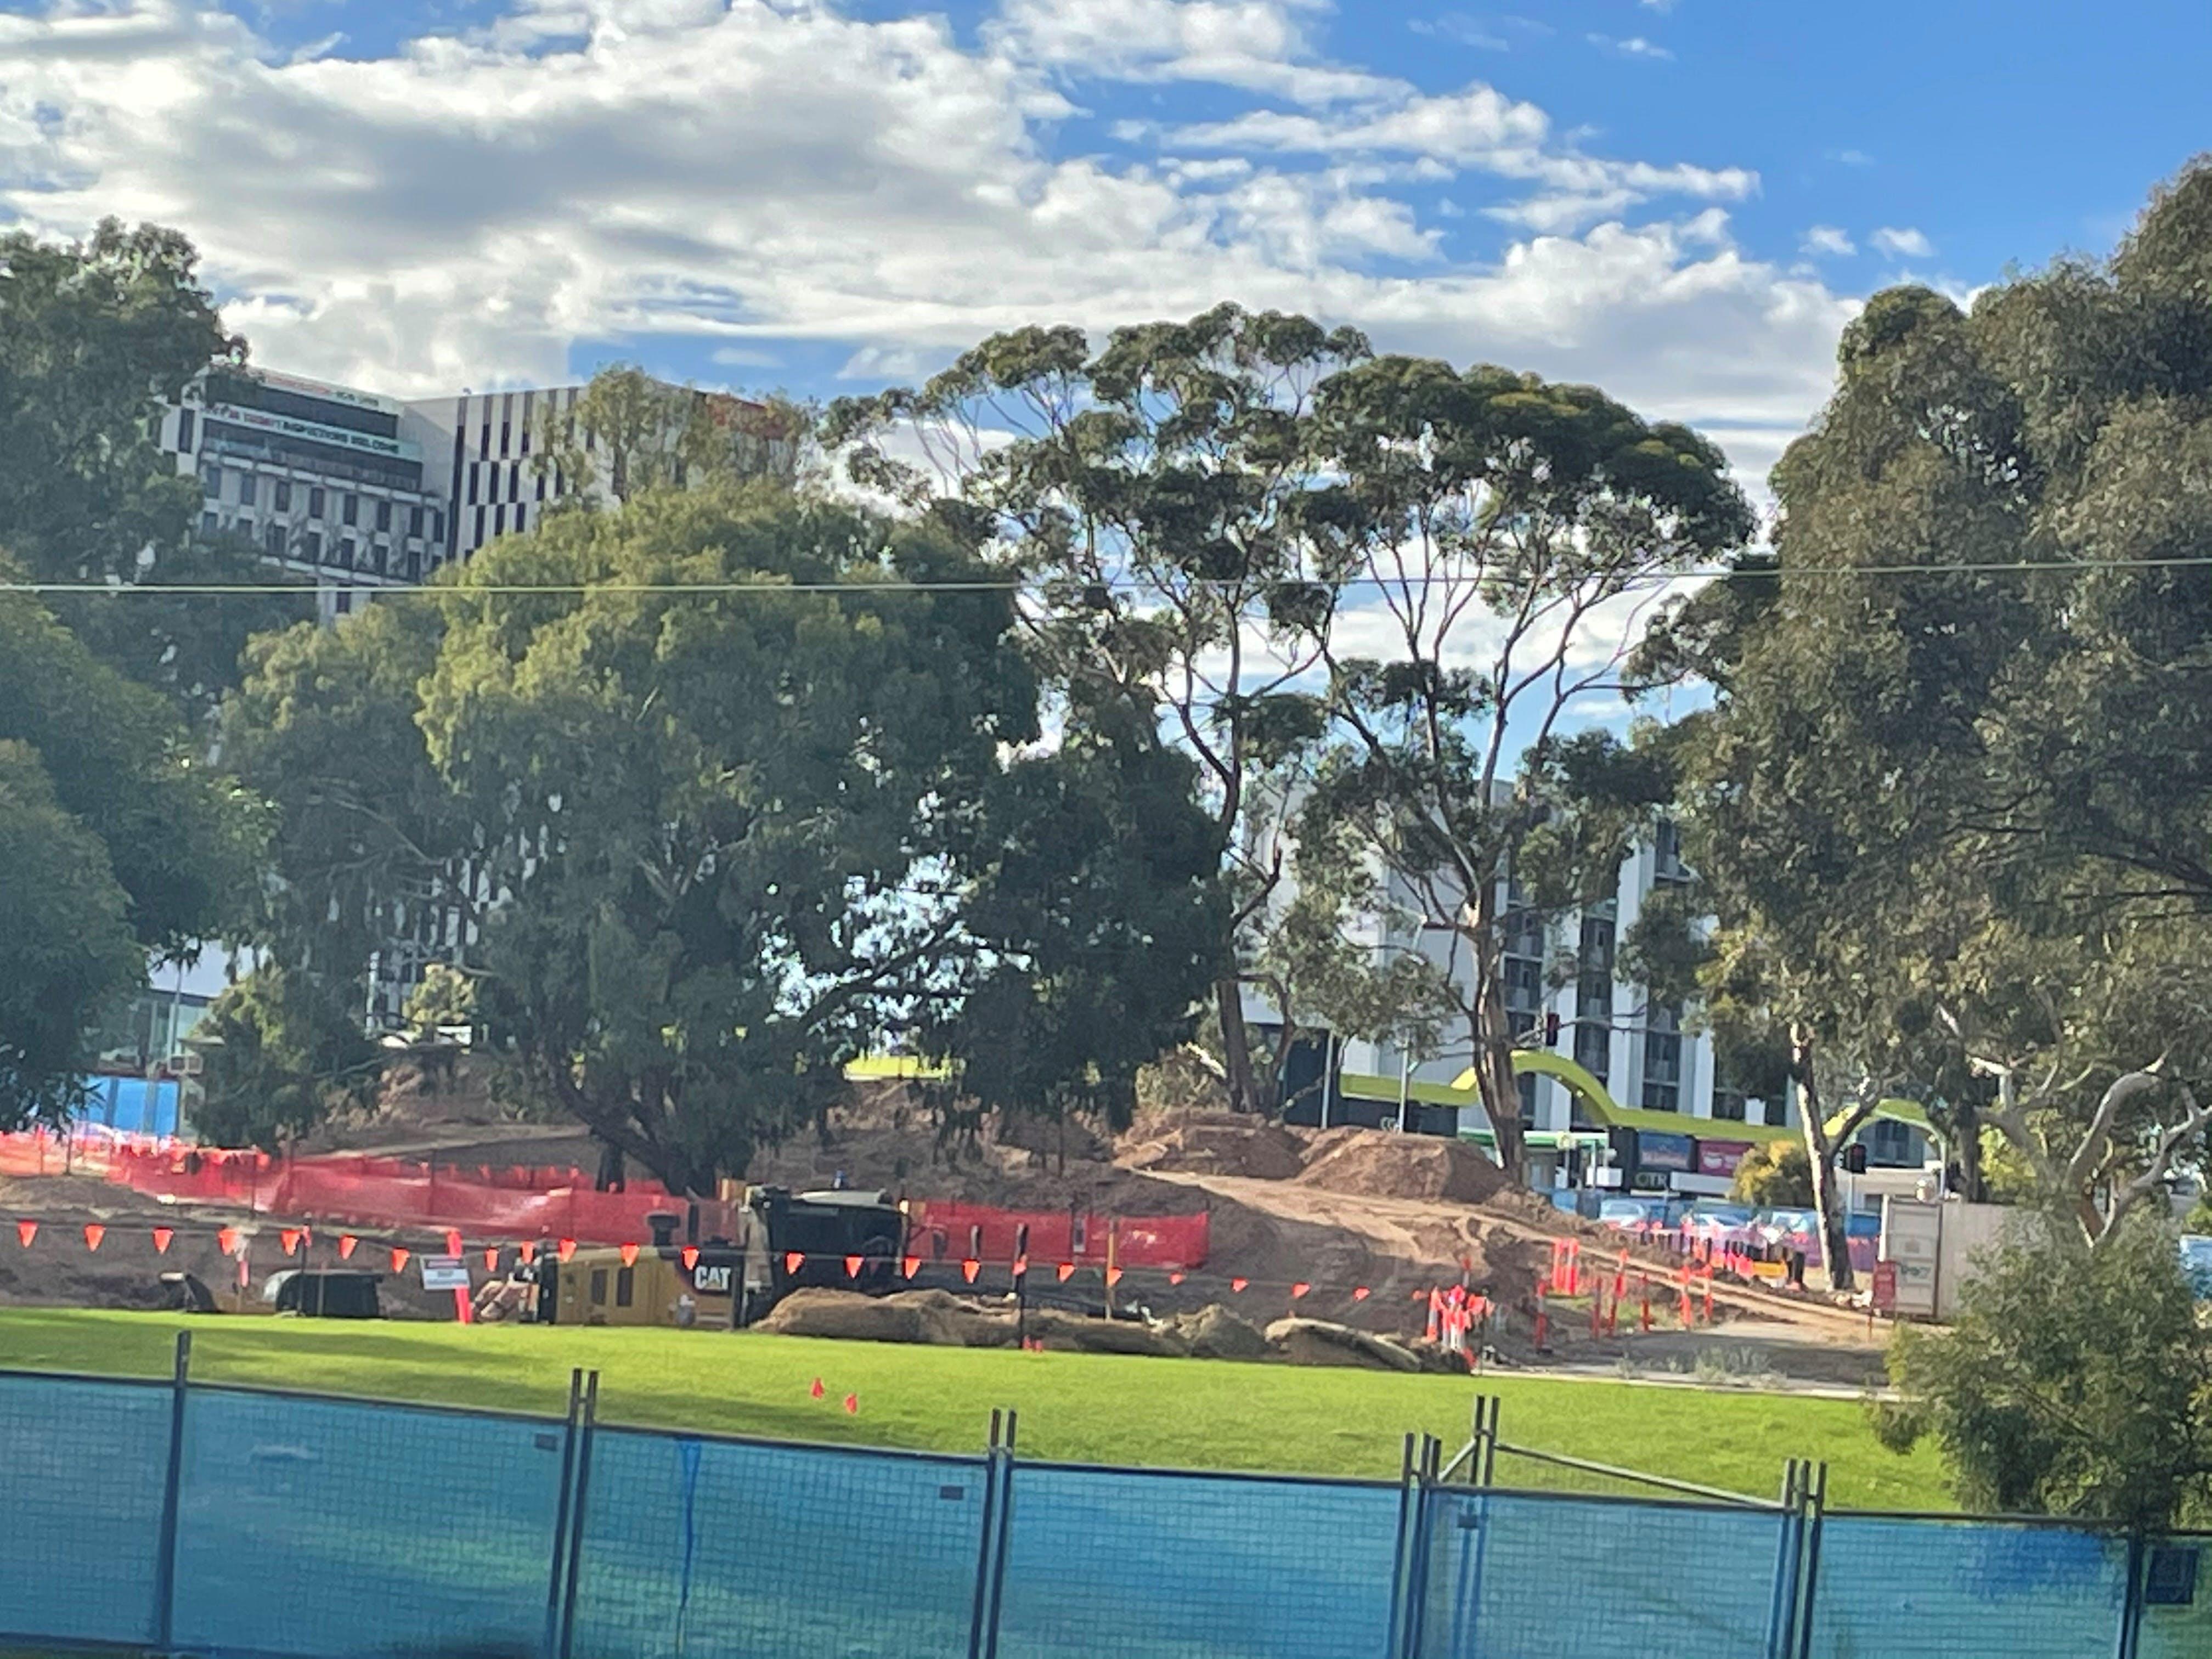 City Skate Park  construction update 1.03.21.jpg